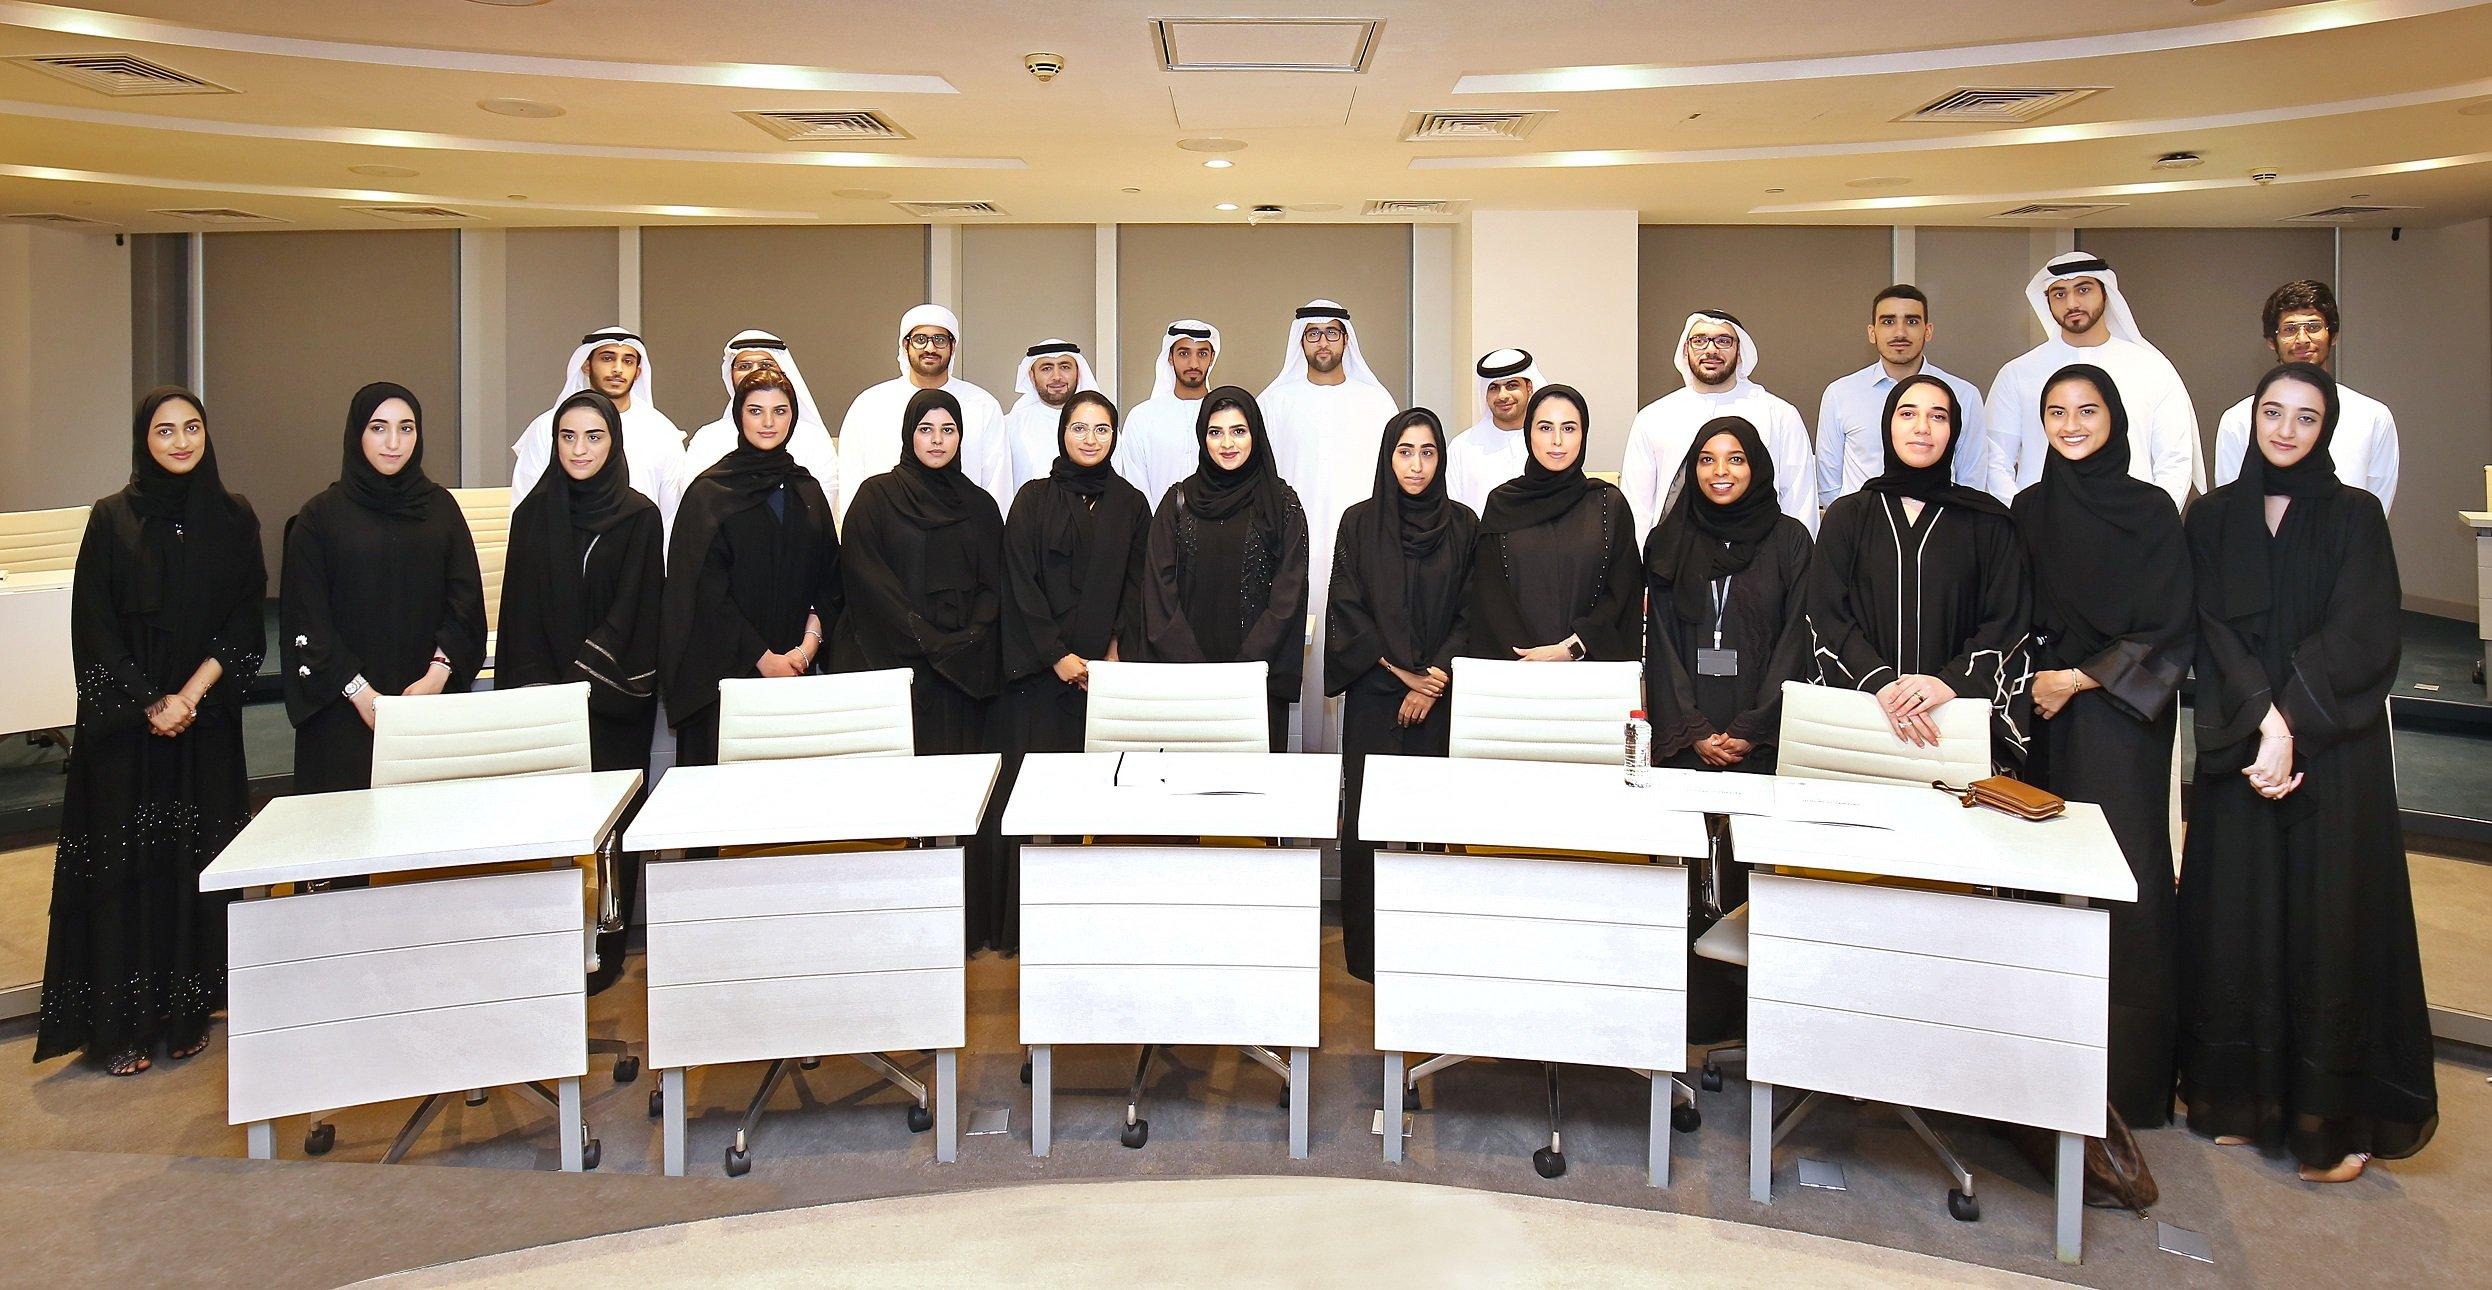 مركز دبي المالي العالمي ينظم برنامجاً تعليمياً لتدريب المواهب الإماراتية في مجال المال والأعمال